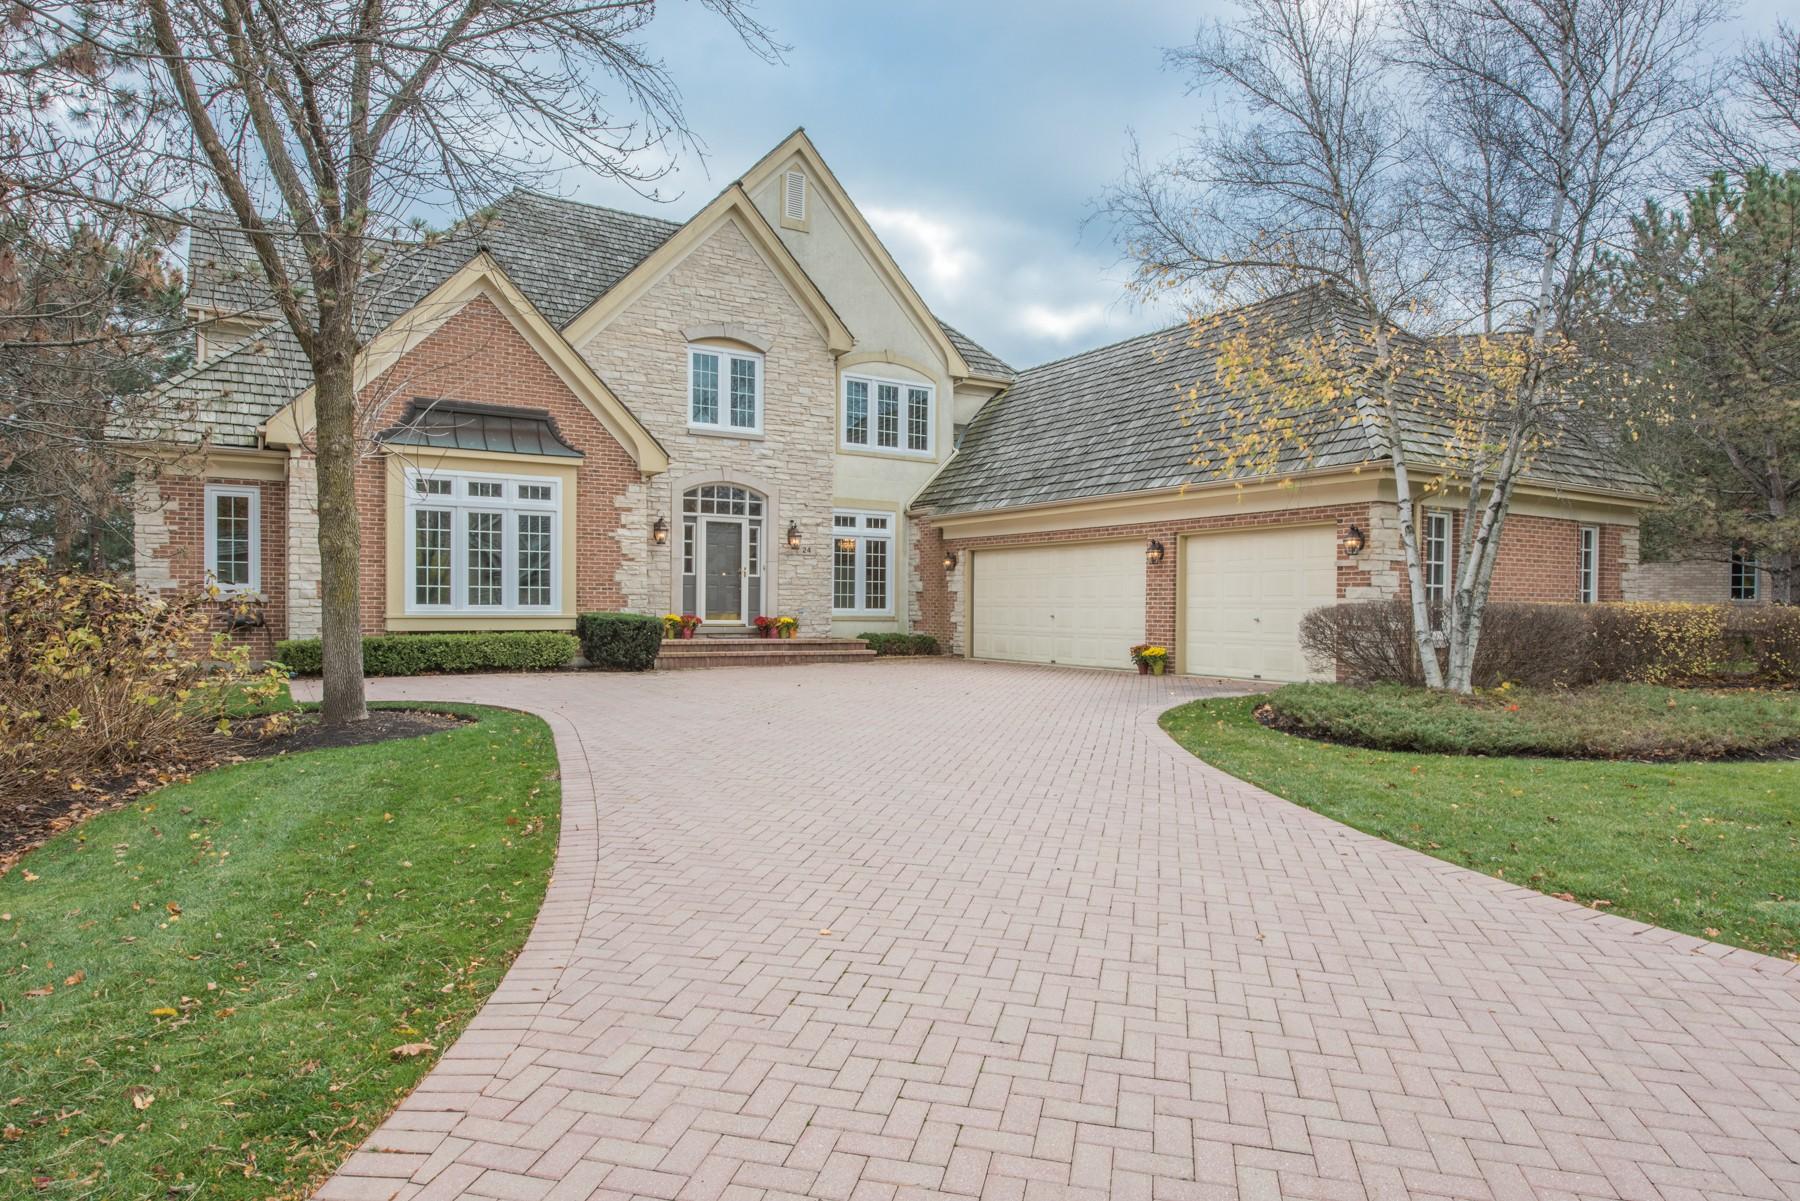 一戸建て のために 売買 アット 24 Lakeside Lane North Barrington, イリノイ, 60010 アメリカ合衆国